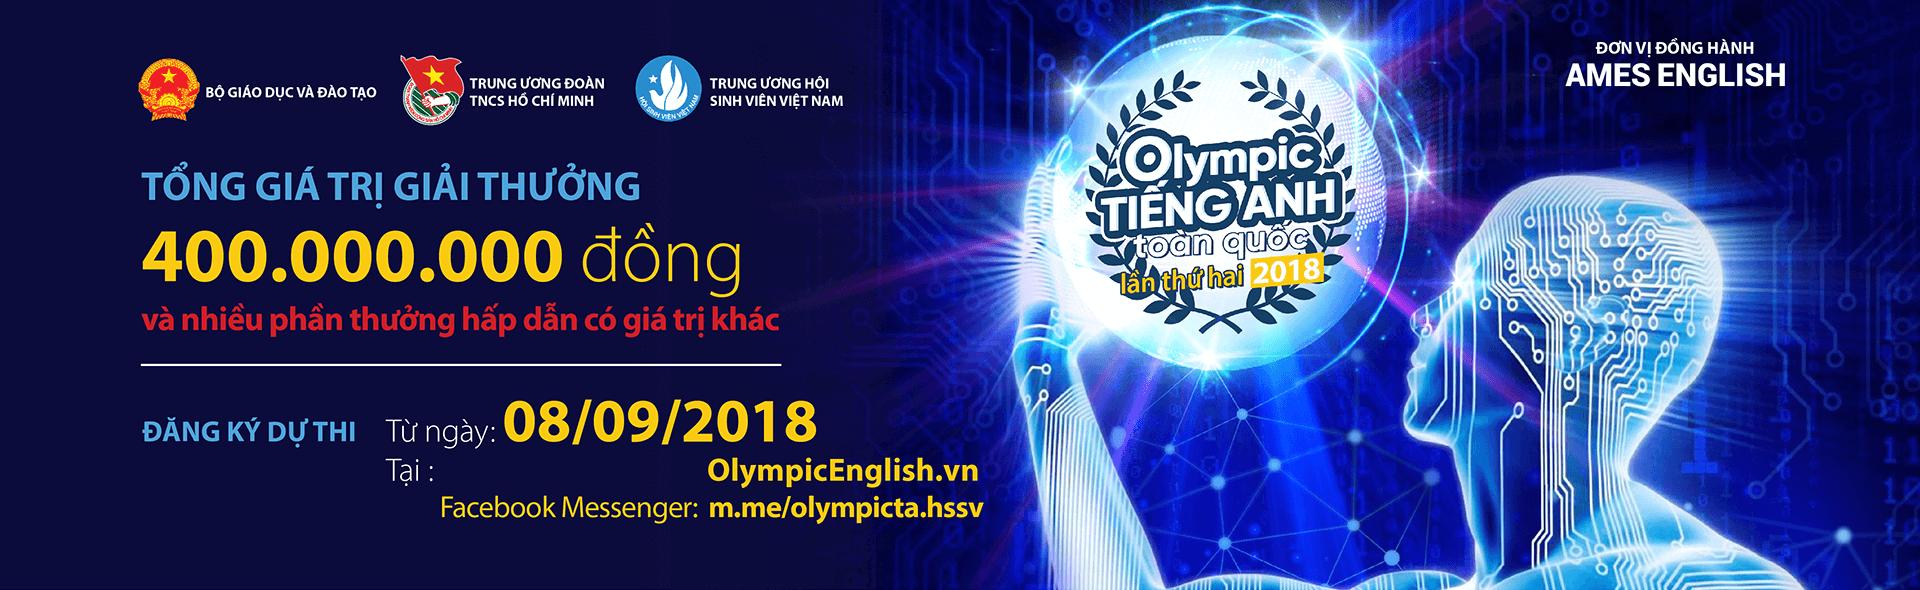 Đăng ký Olympic tiếng Anh toàn quốc 2018